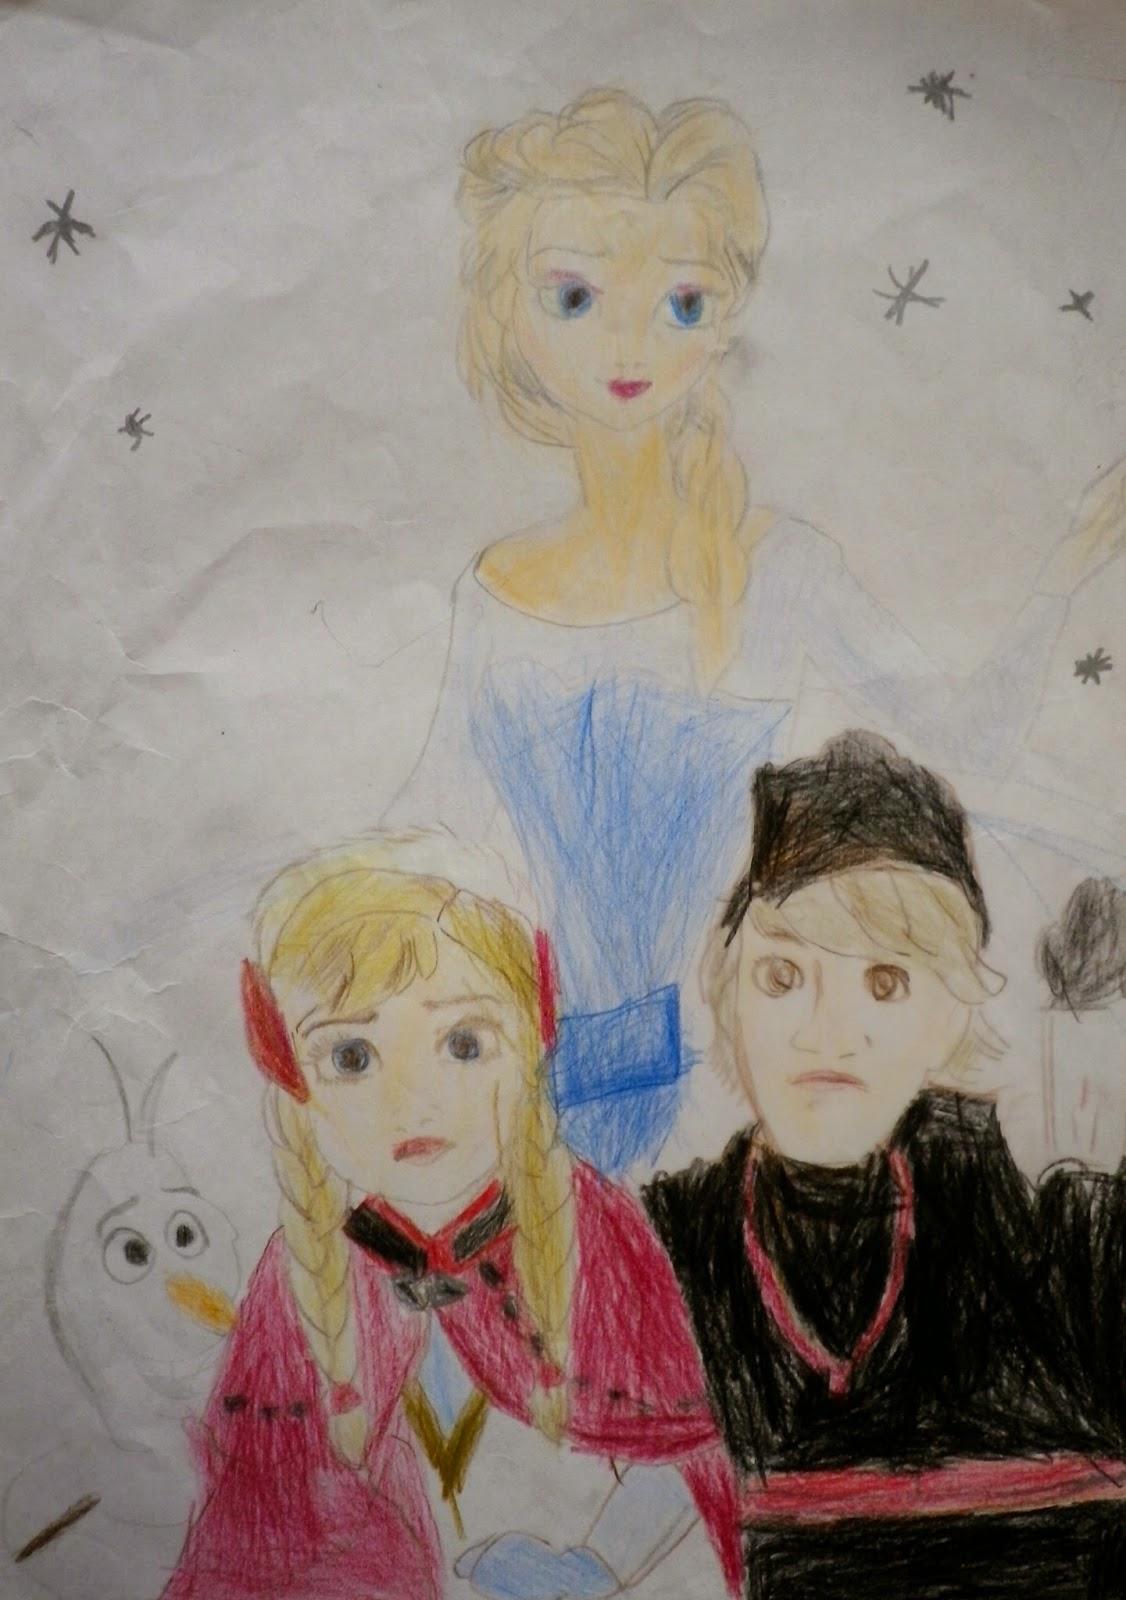 『アナと雪の女王』まぁやぁ映画レヴュー